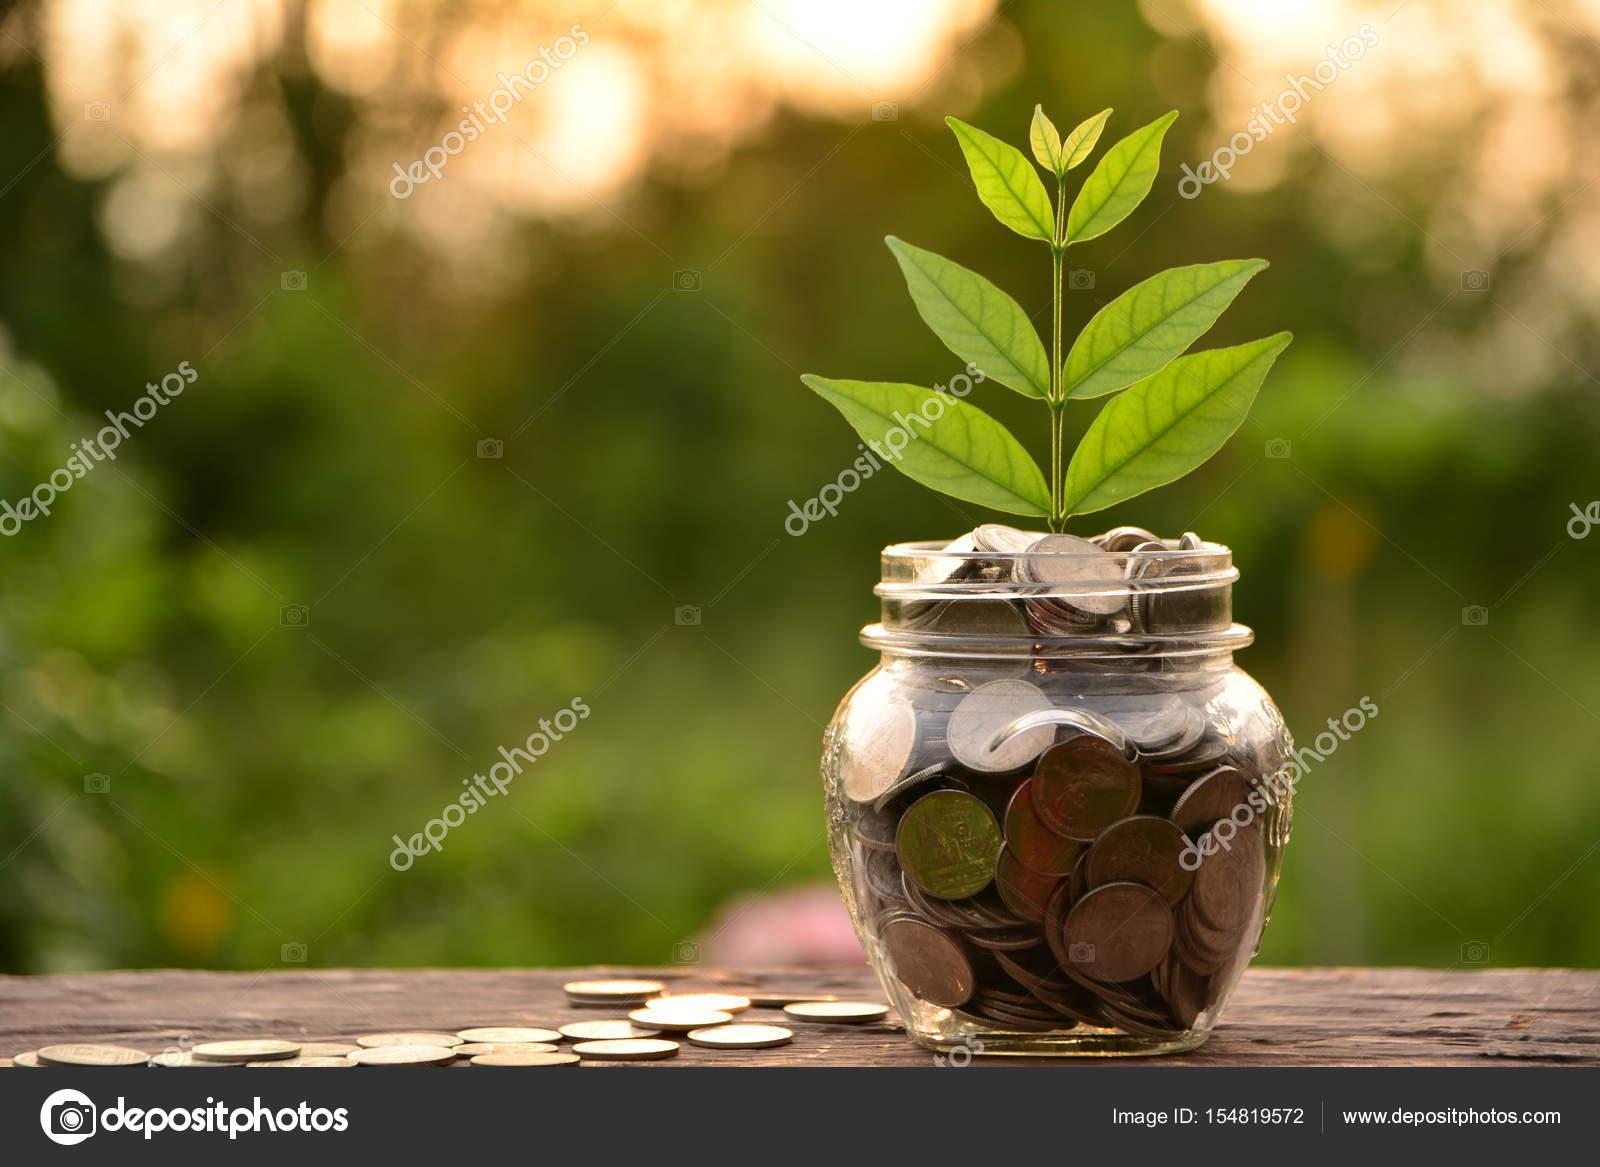 Fußboden Mit Münzen ~ Münze im glas befindet sich auf einem hölzernen fußboden und baum